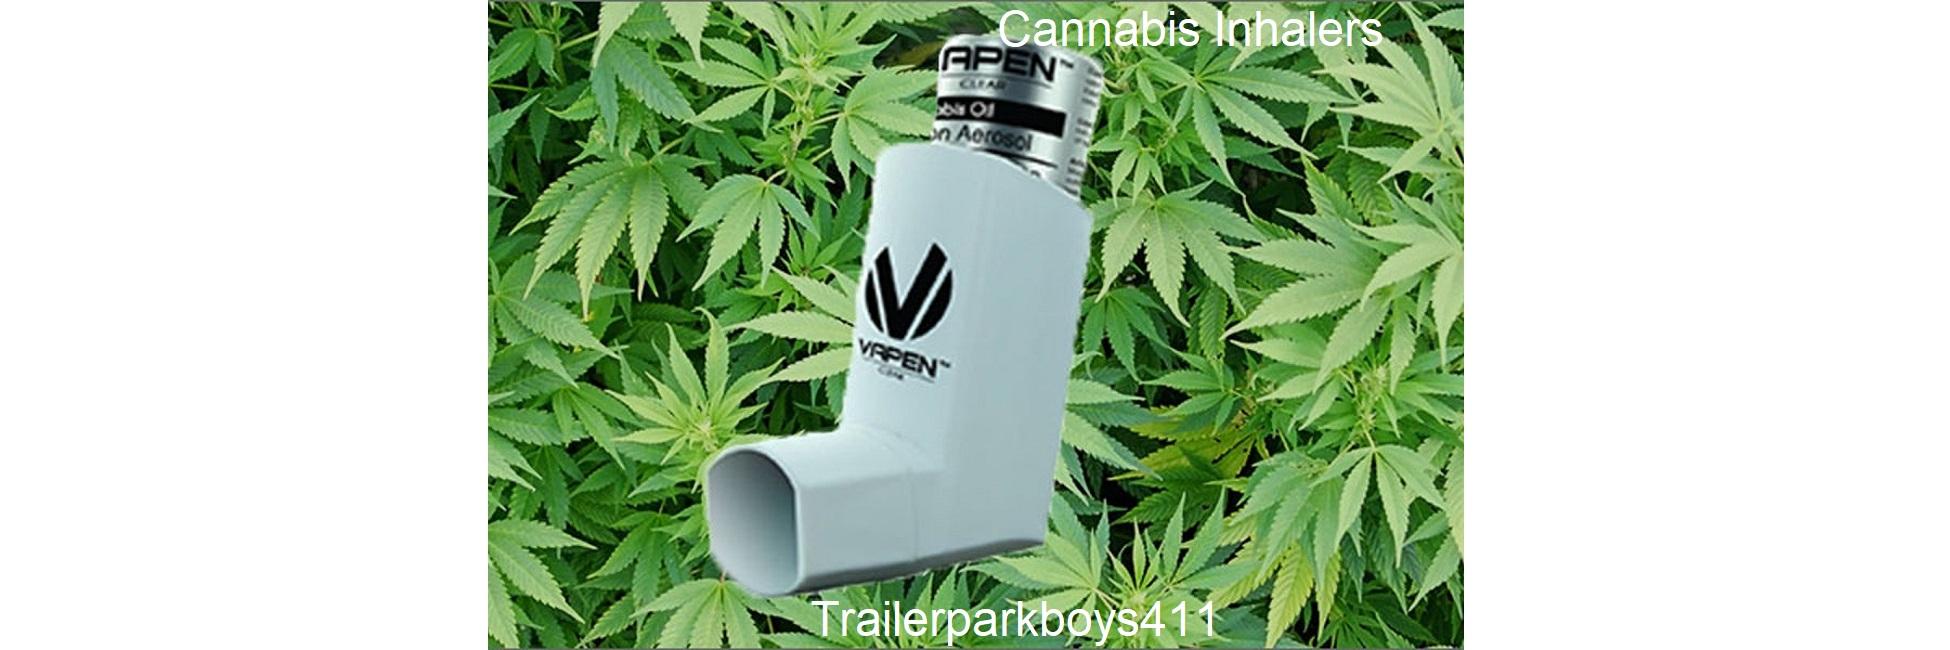 Cannabis Inhalers